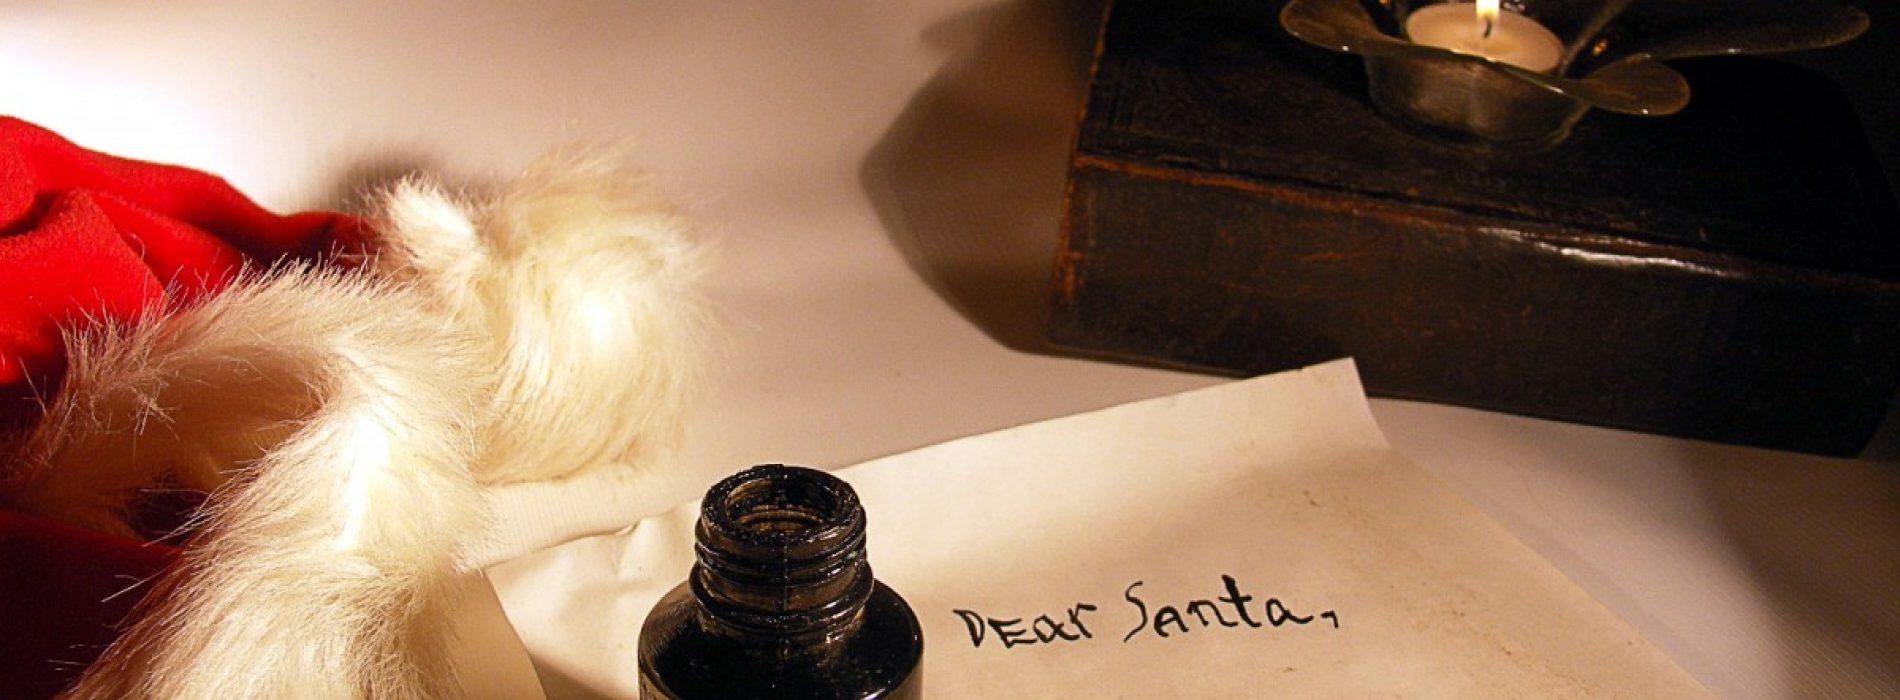 Tradiții de poveste, din jurul lumii, respectate de Crăciun și de Anul Nou